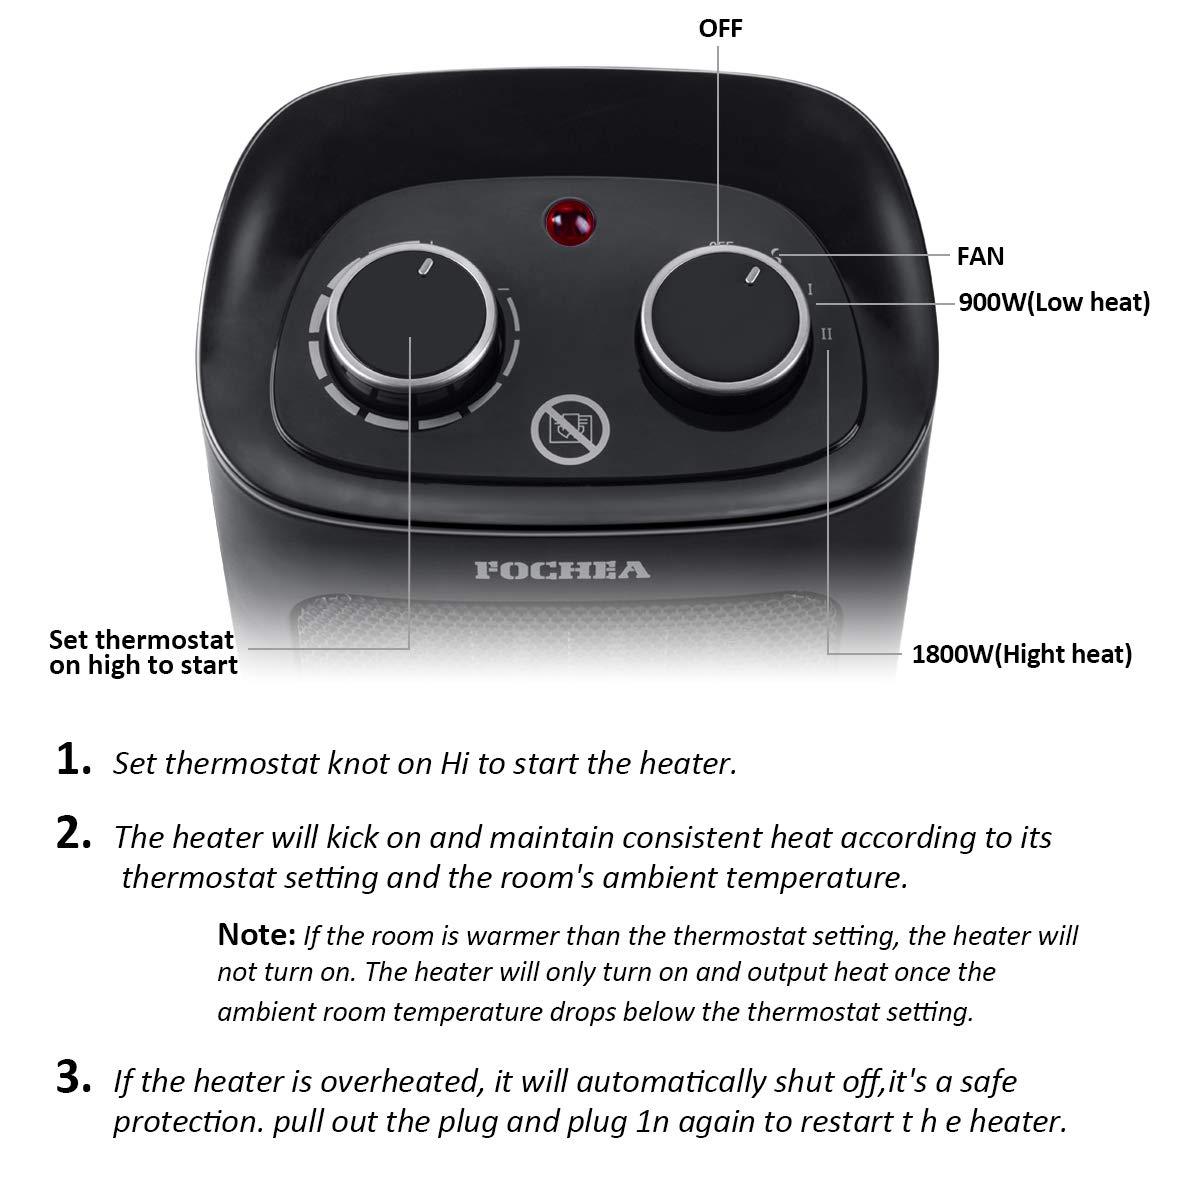 Sliencieux FOCHEA Radiateur Soufflant C/éramique 1800W Chauffage Soufflant /& Ventilateur Instant Comfort /à Oscillation avec Thermostat Protection Contre la Surchauffe et Chute Blanc